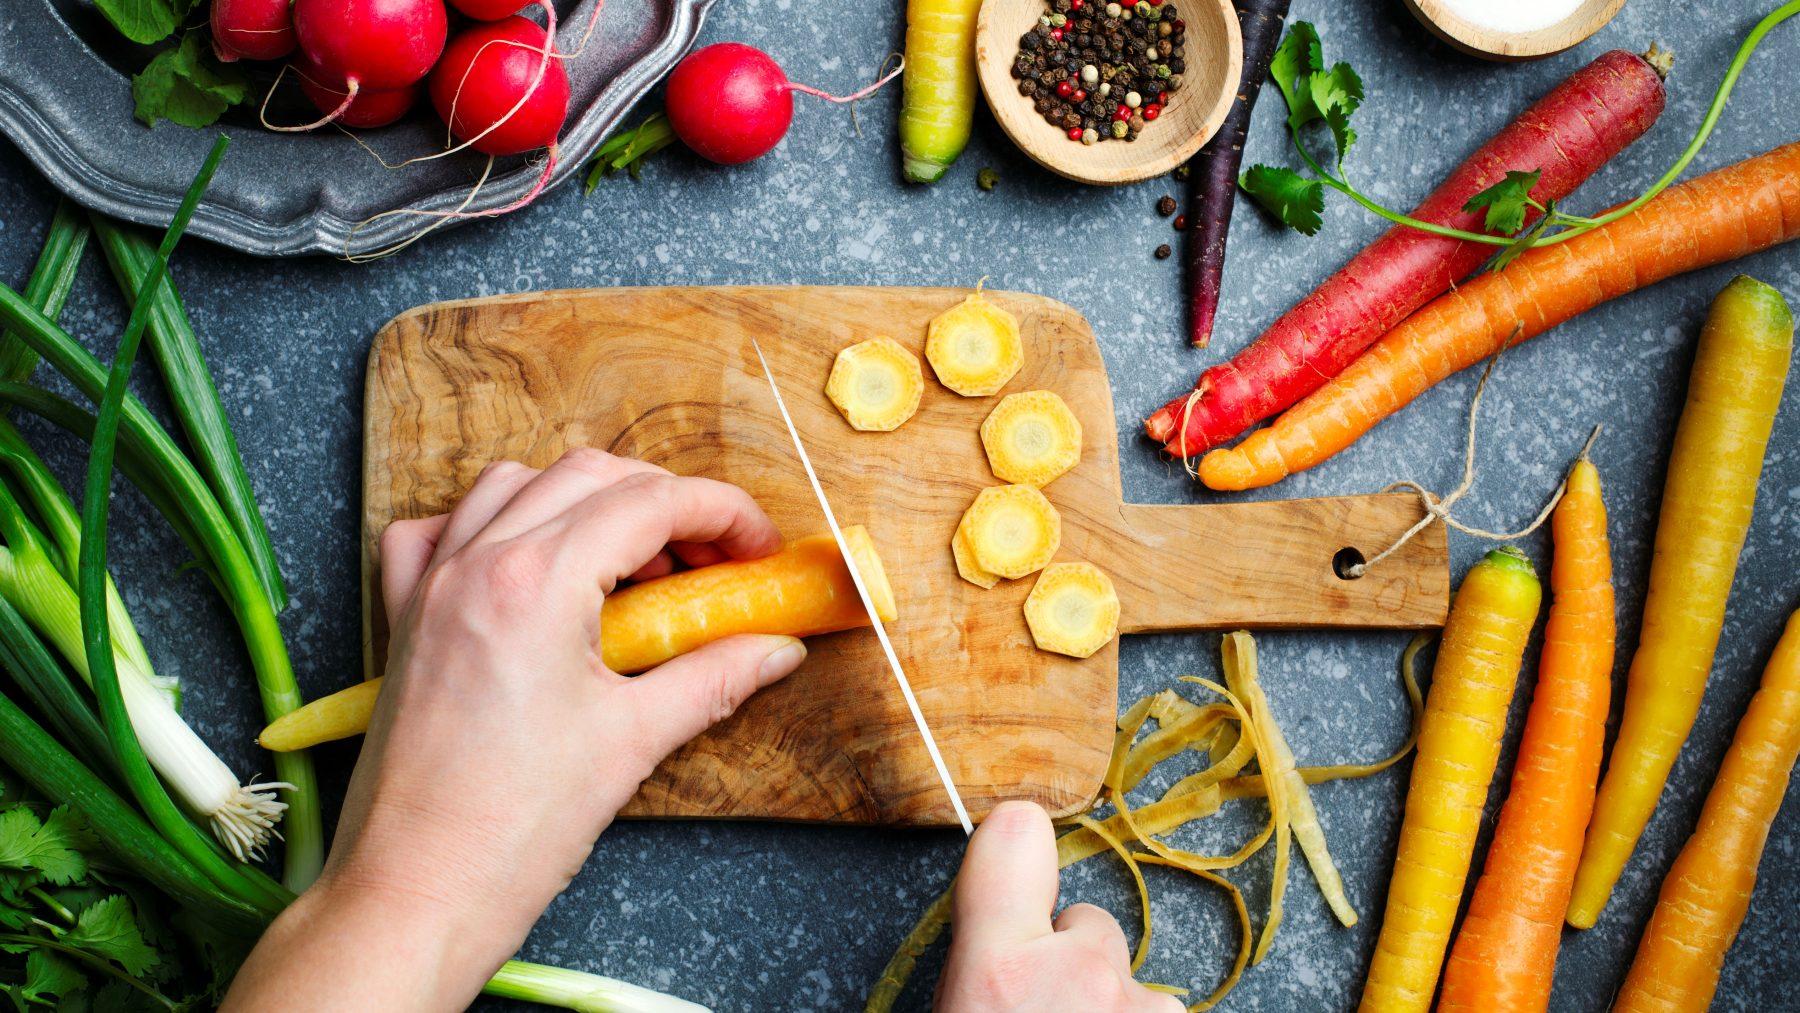 nationale week zonder vlees groente snijden